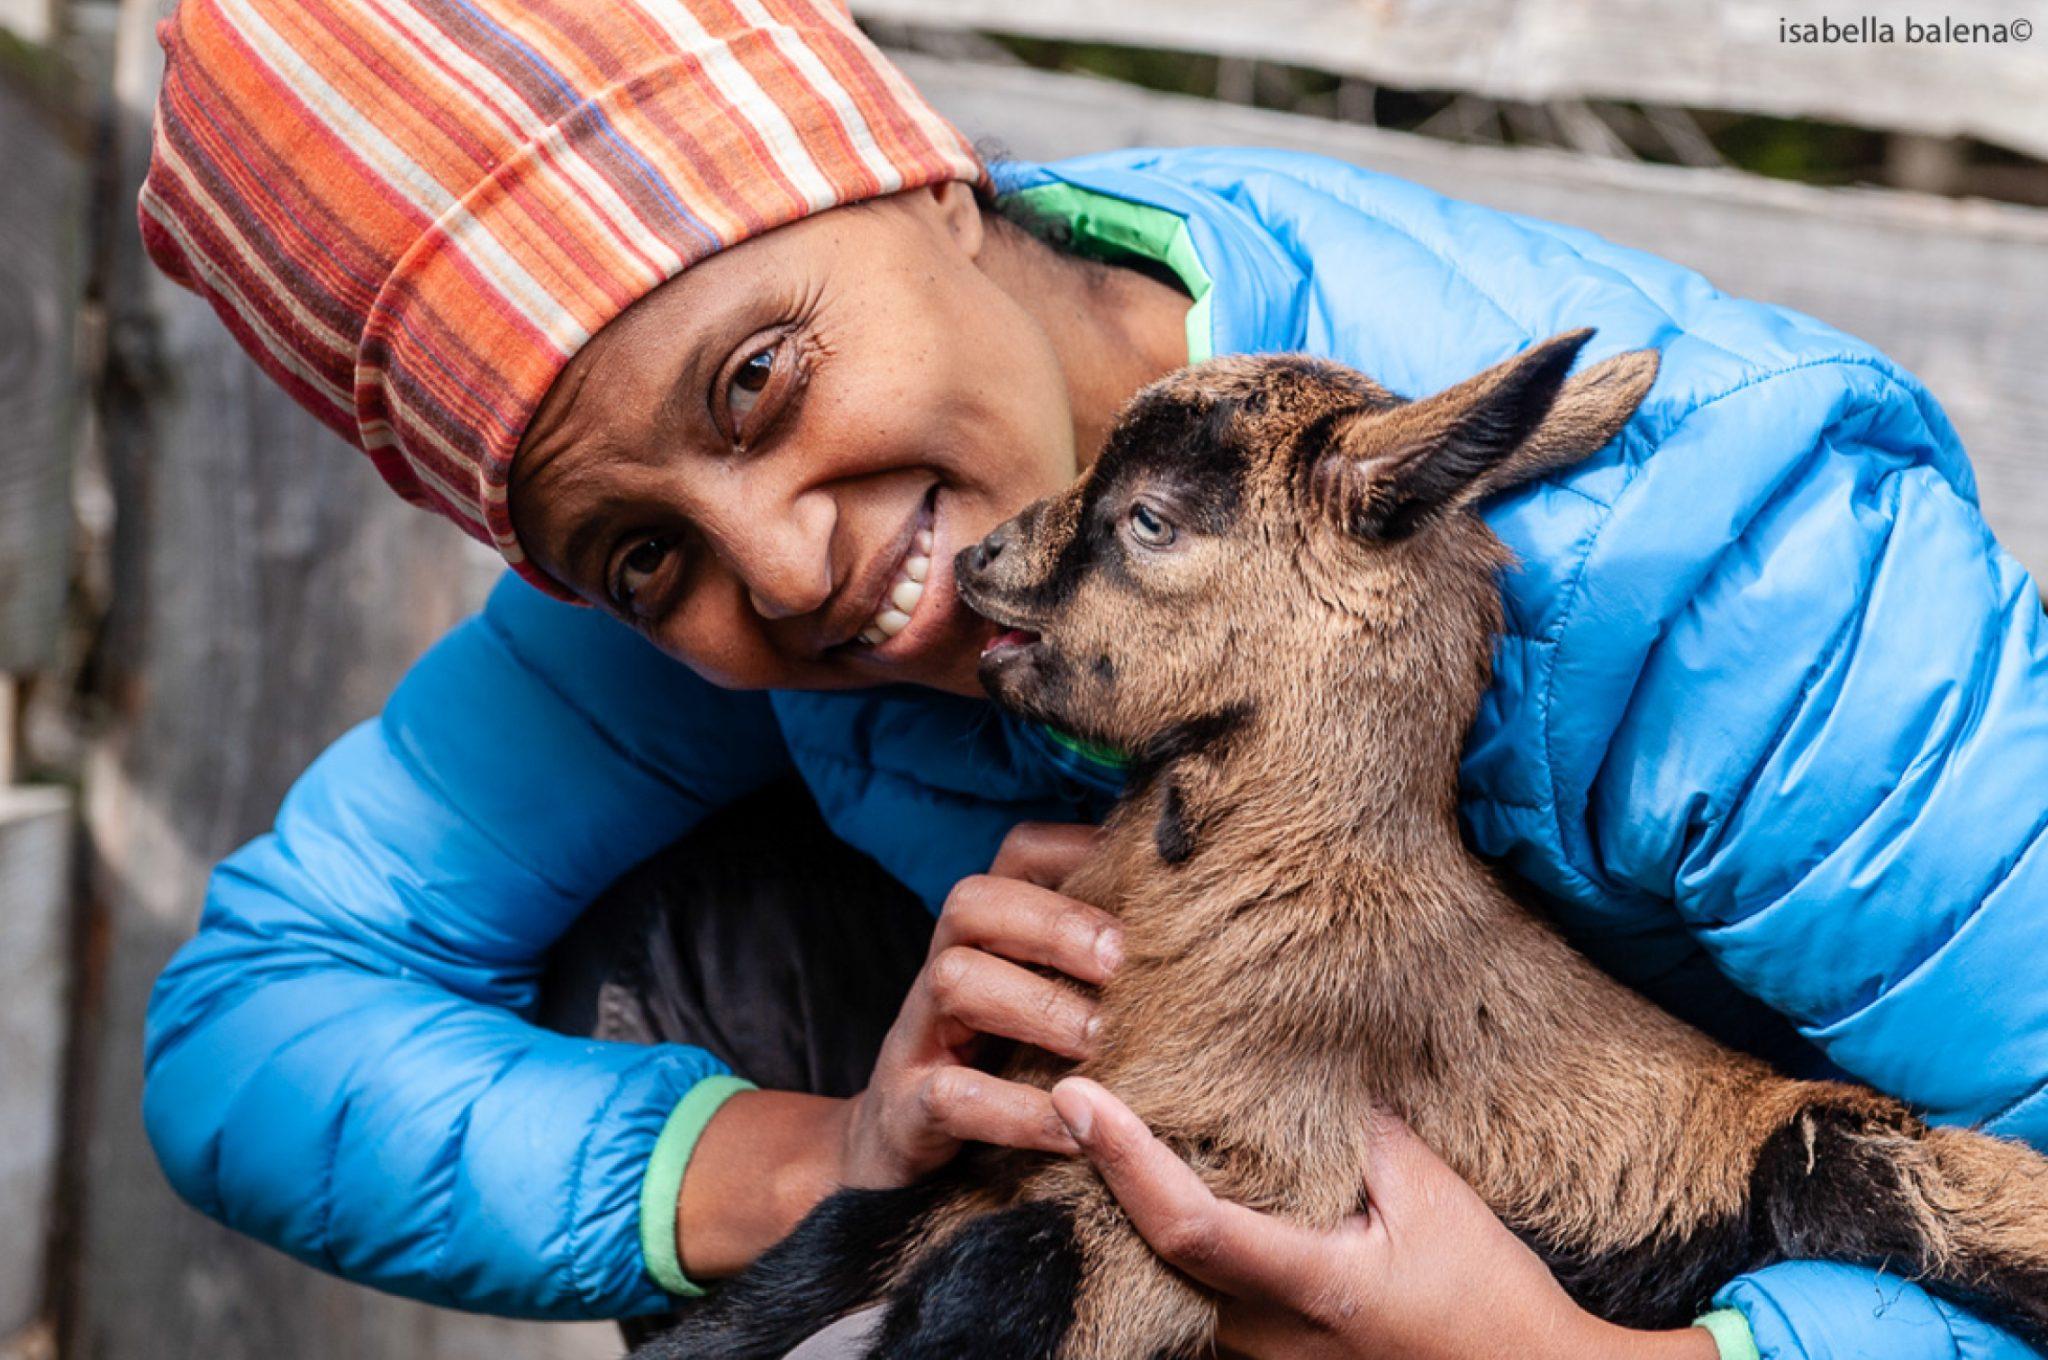 Agito Ideo Gudeta è una allevatrice etiope che vive in Trentino da diversi anni per portare avanti la sua passione: salvare dall'estinzione la capra Mochena. È una delle protagoniste del convegno Coltivare Custodire, il 31 maggio e 1° giugno, tra Alba e Pollenzo.